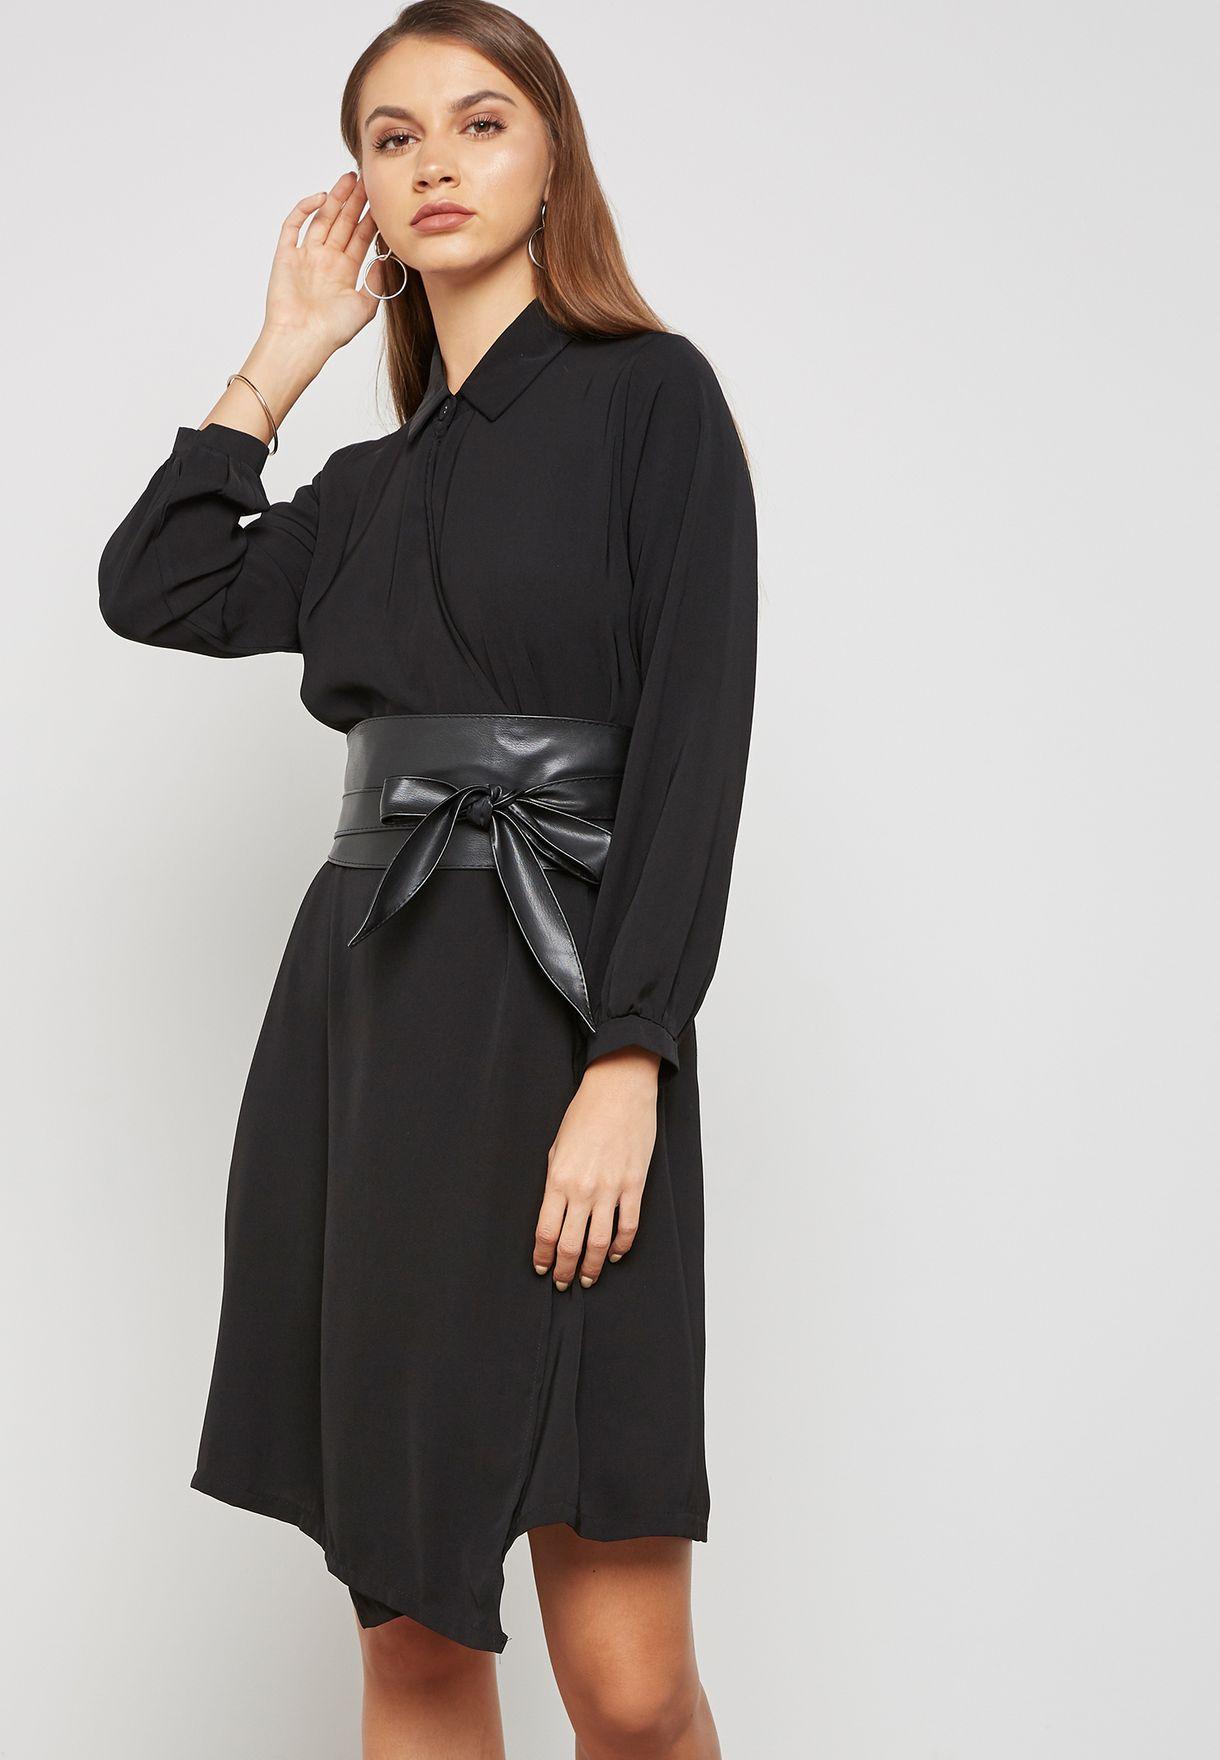 85845078d1520 تسوق فستان بحزام عريض ماركة ايلا لون أسود 6569 في السعودية ...